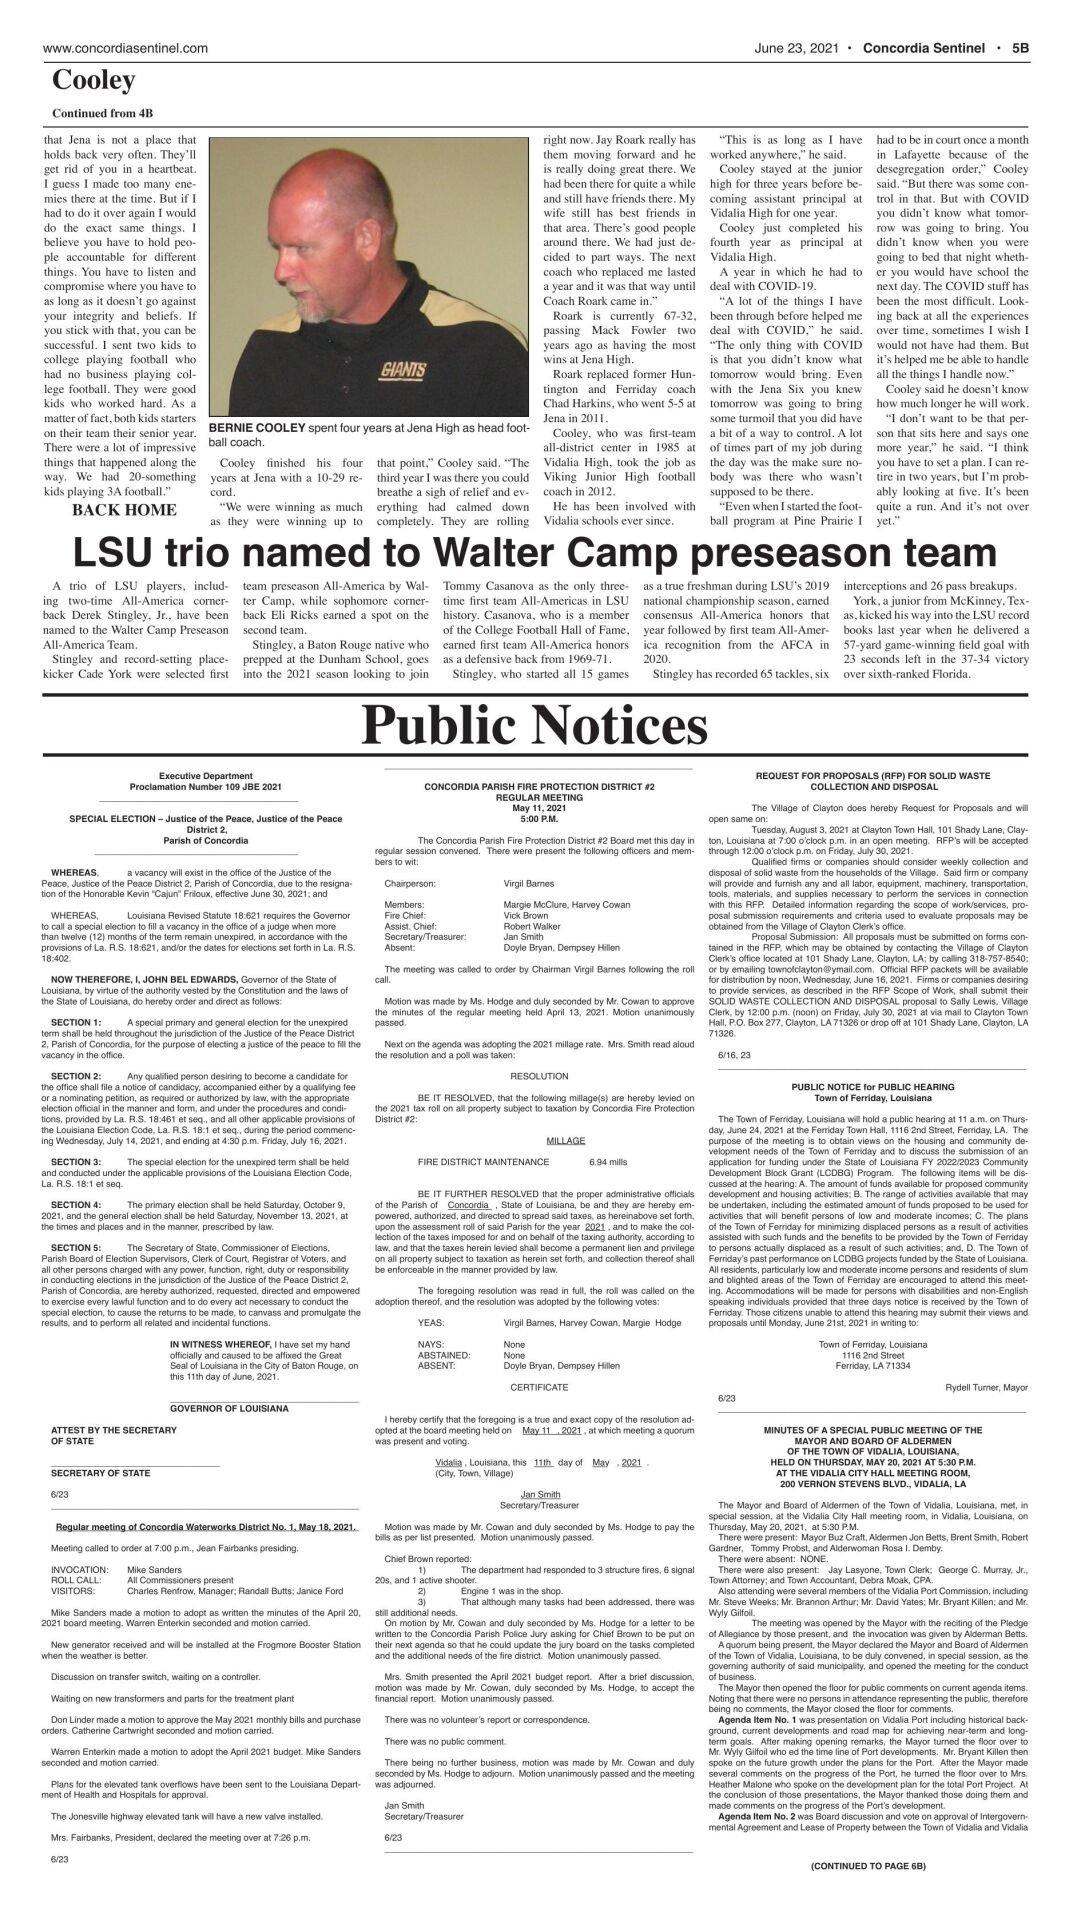 Public Notices - June 23, 2021